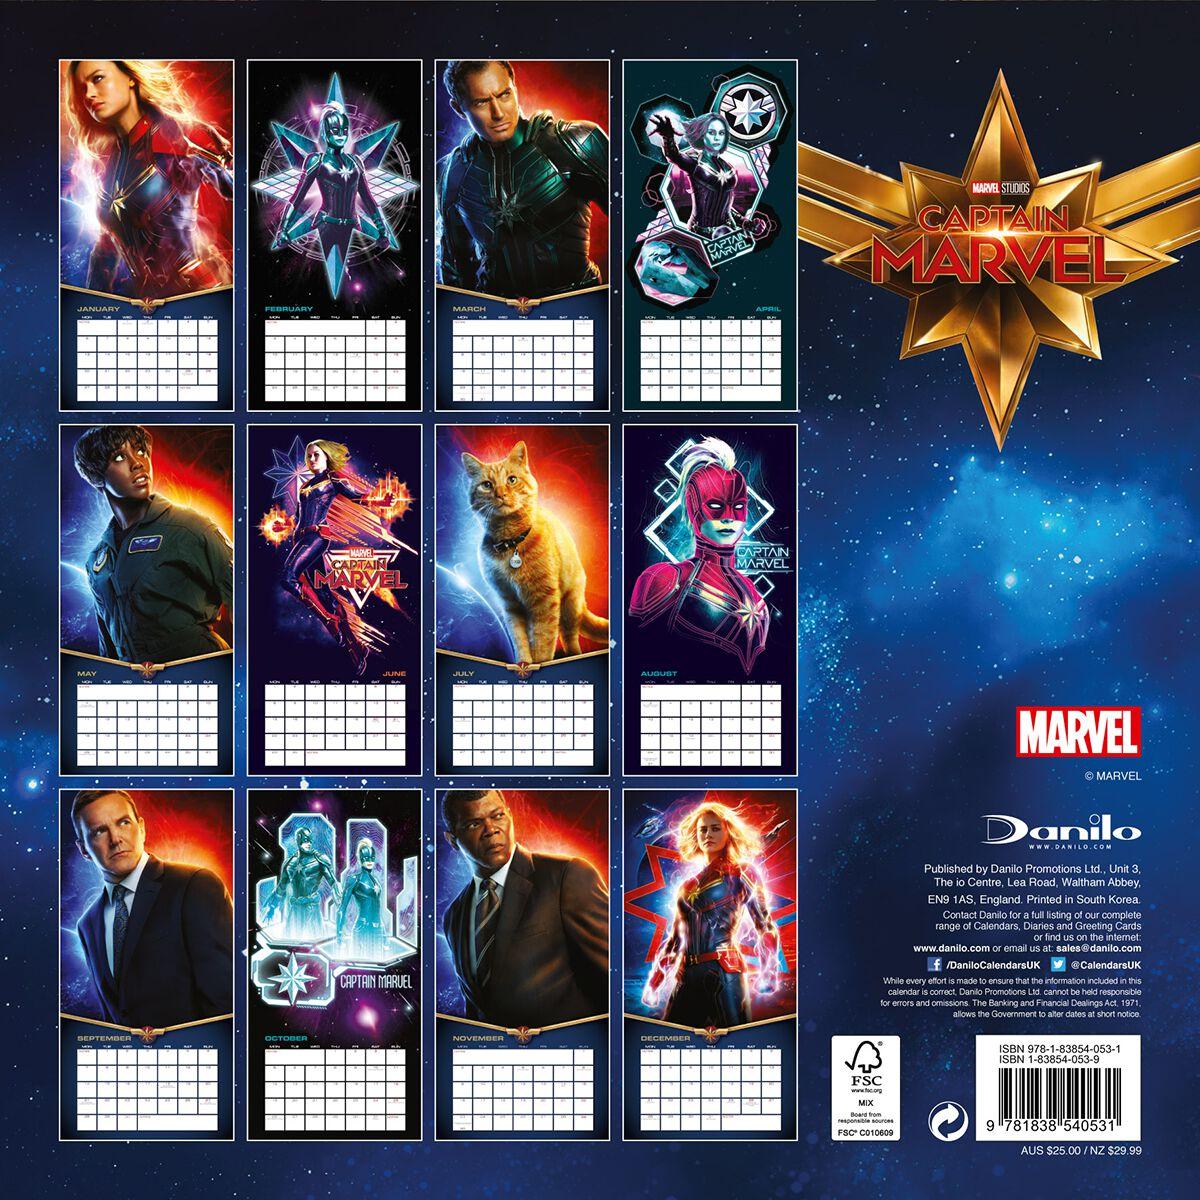 Marvel Calendrier.Captain Marvel Calendrier Mural 2020